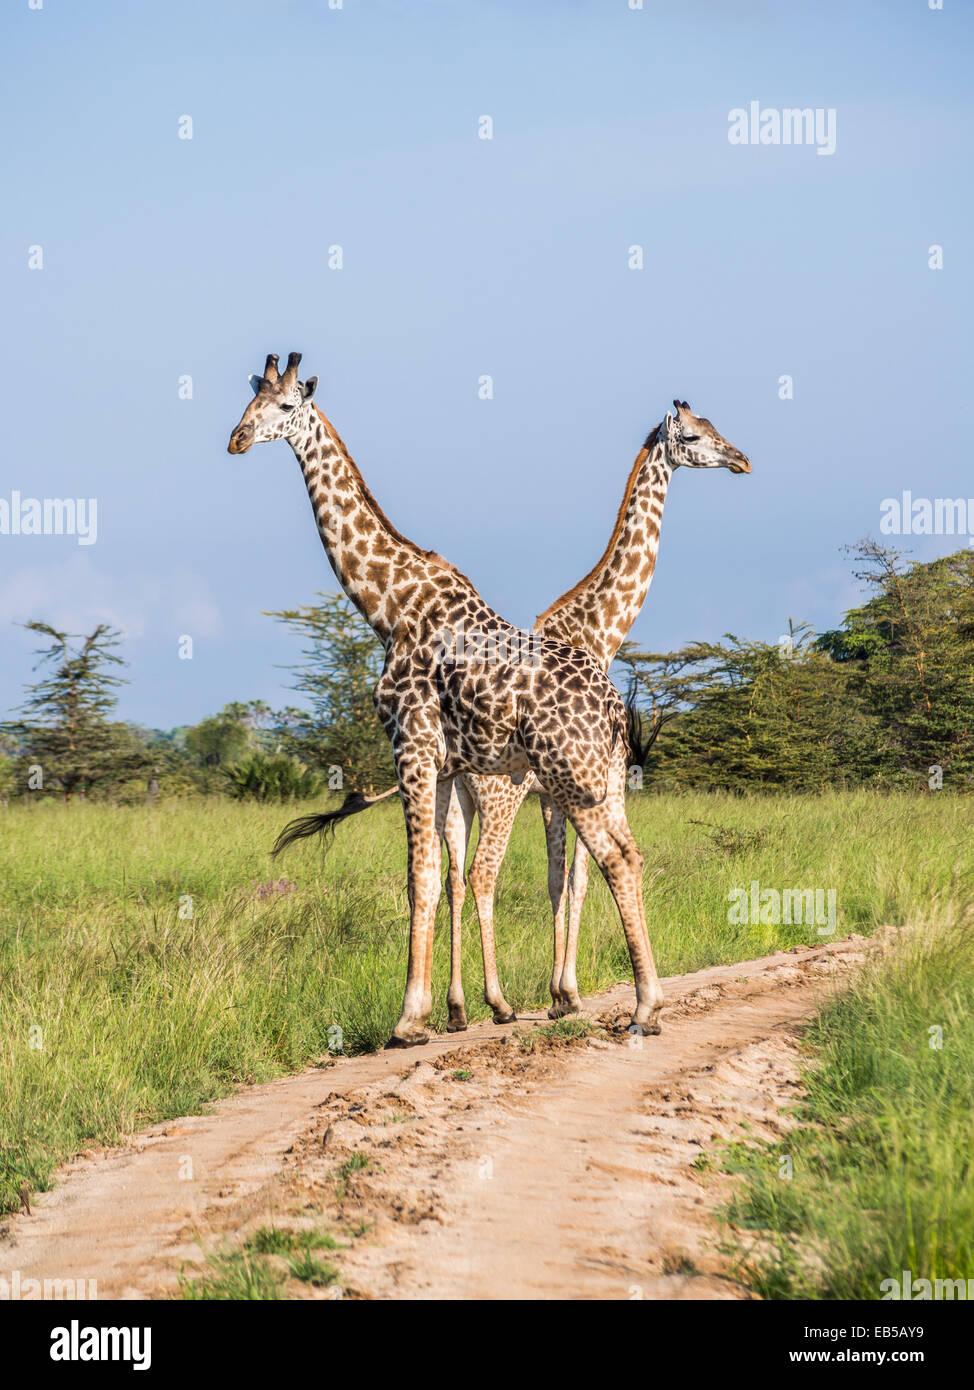 Dos jirafas cruzando una carretera en la sabana de safari en el Parque Nacional de Serengeti, en Tanzania, África. Foto de stock